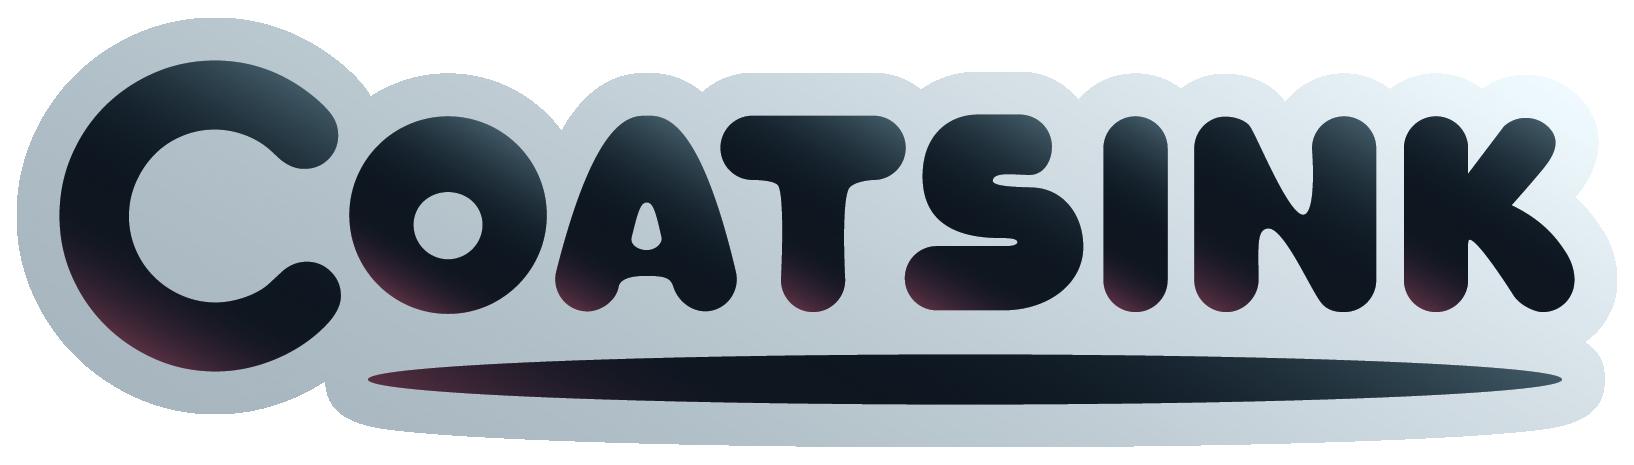 Coatsink logo